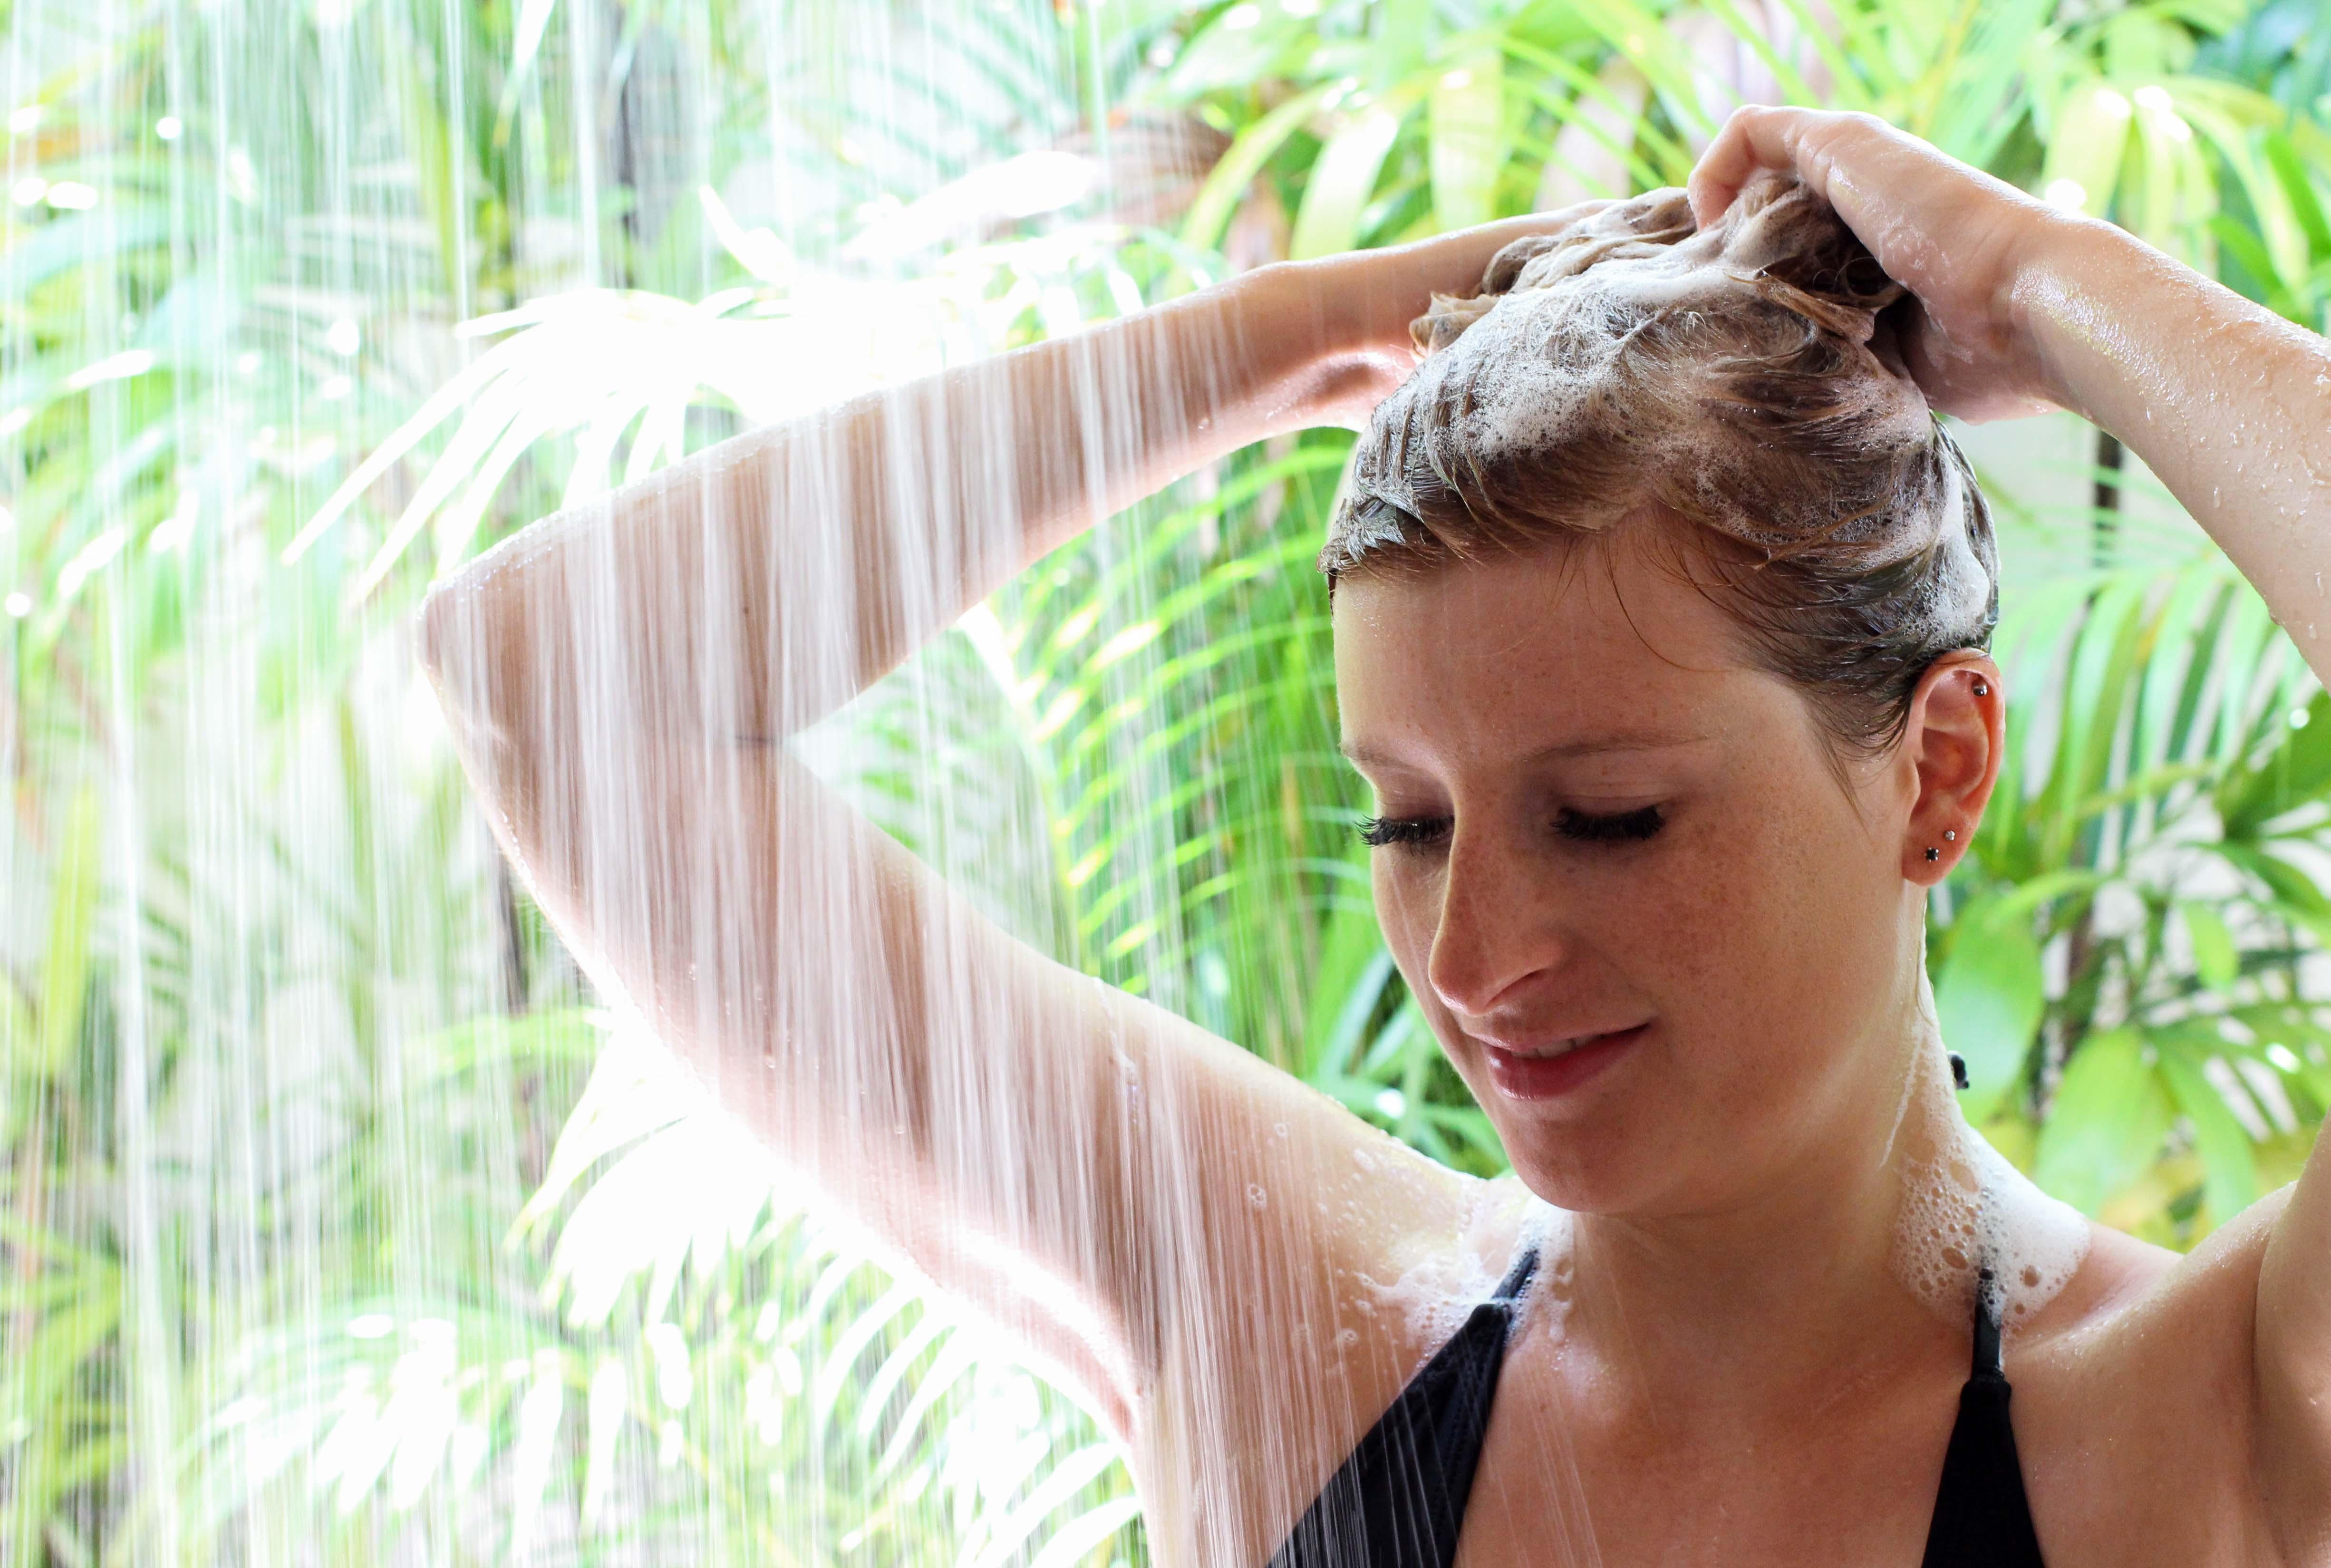 Haarpflege Halier Fortesse Shampoo Conditioner Test anwendung gesundes kräftiges Haar Beauty Blog Bali